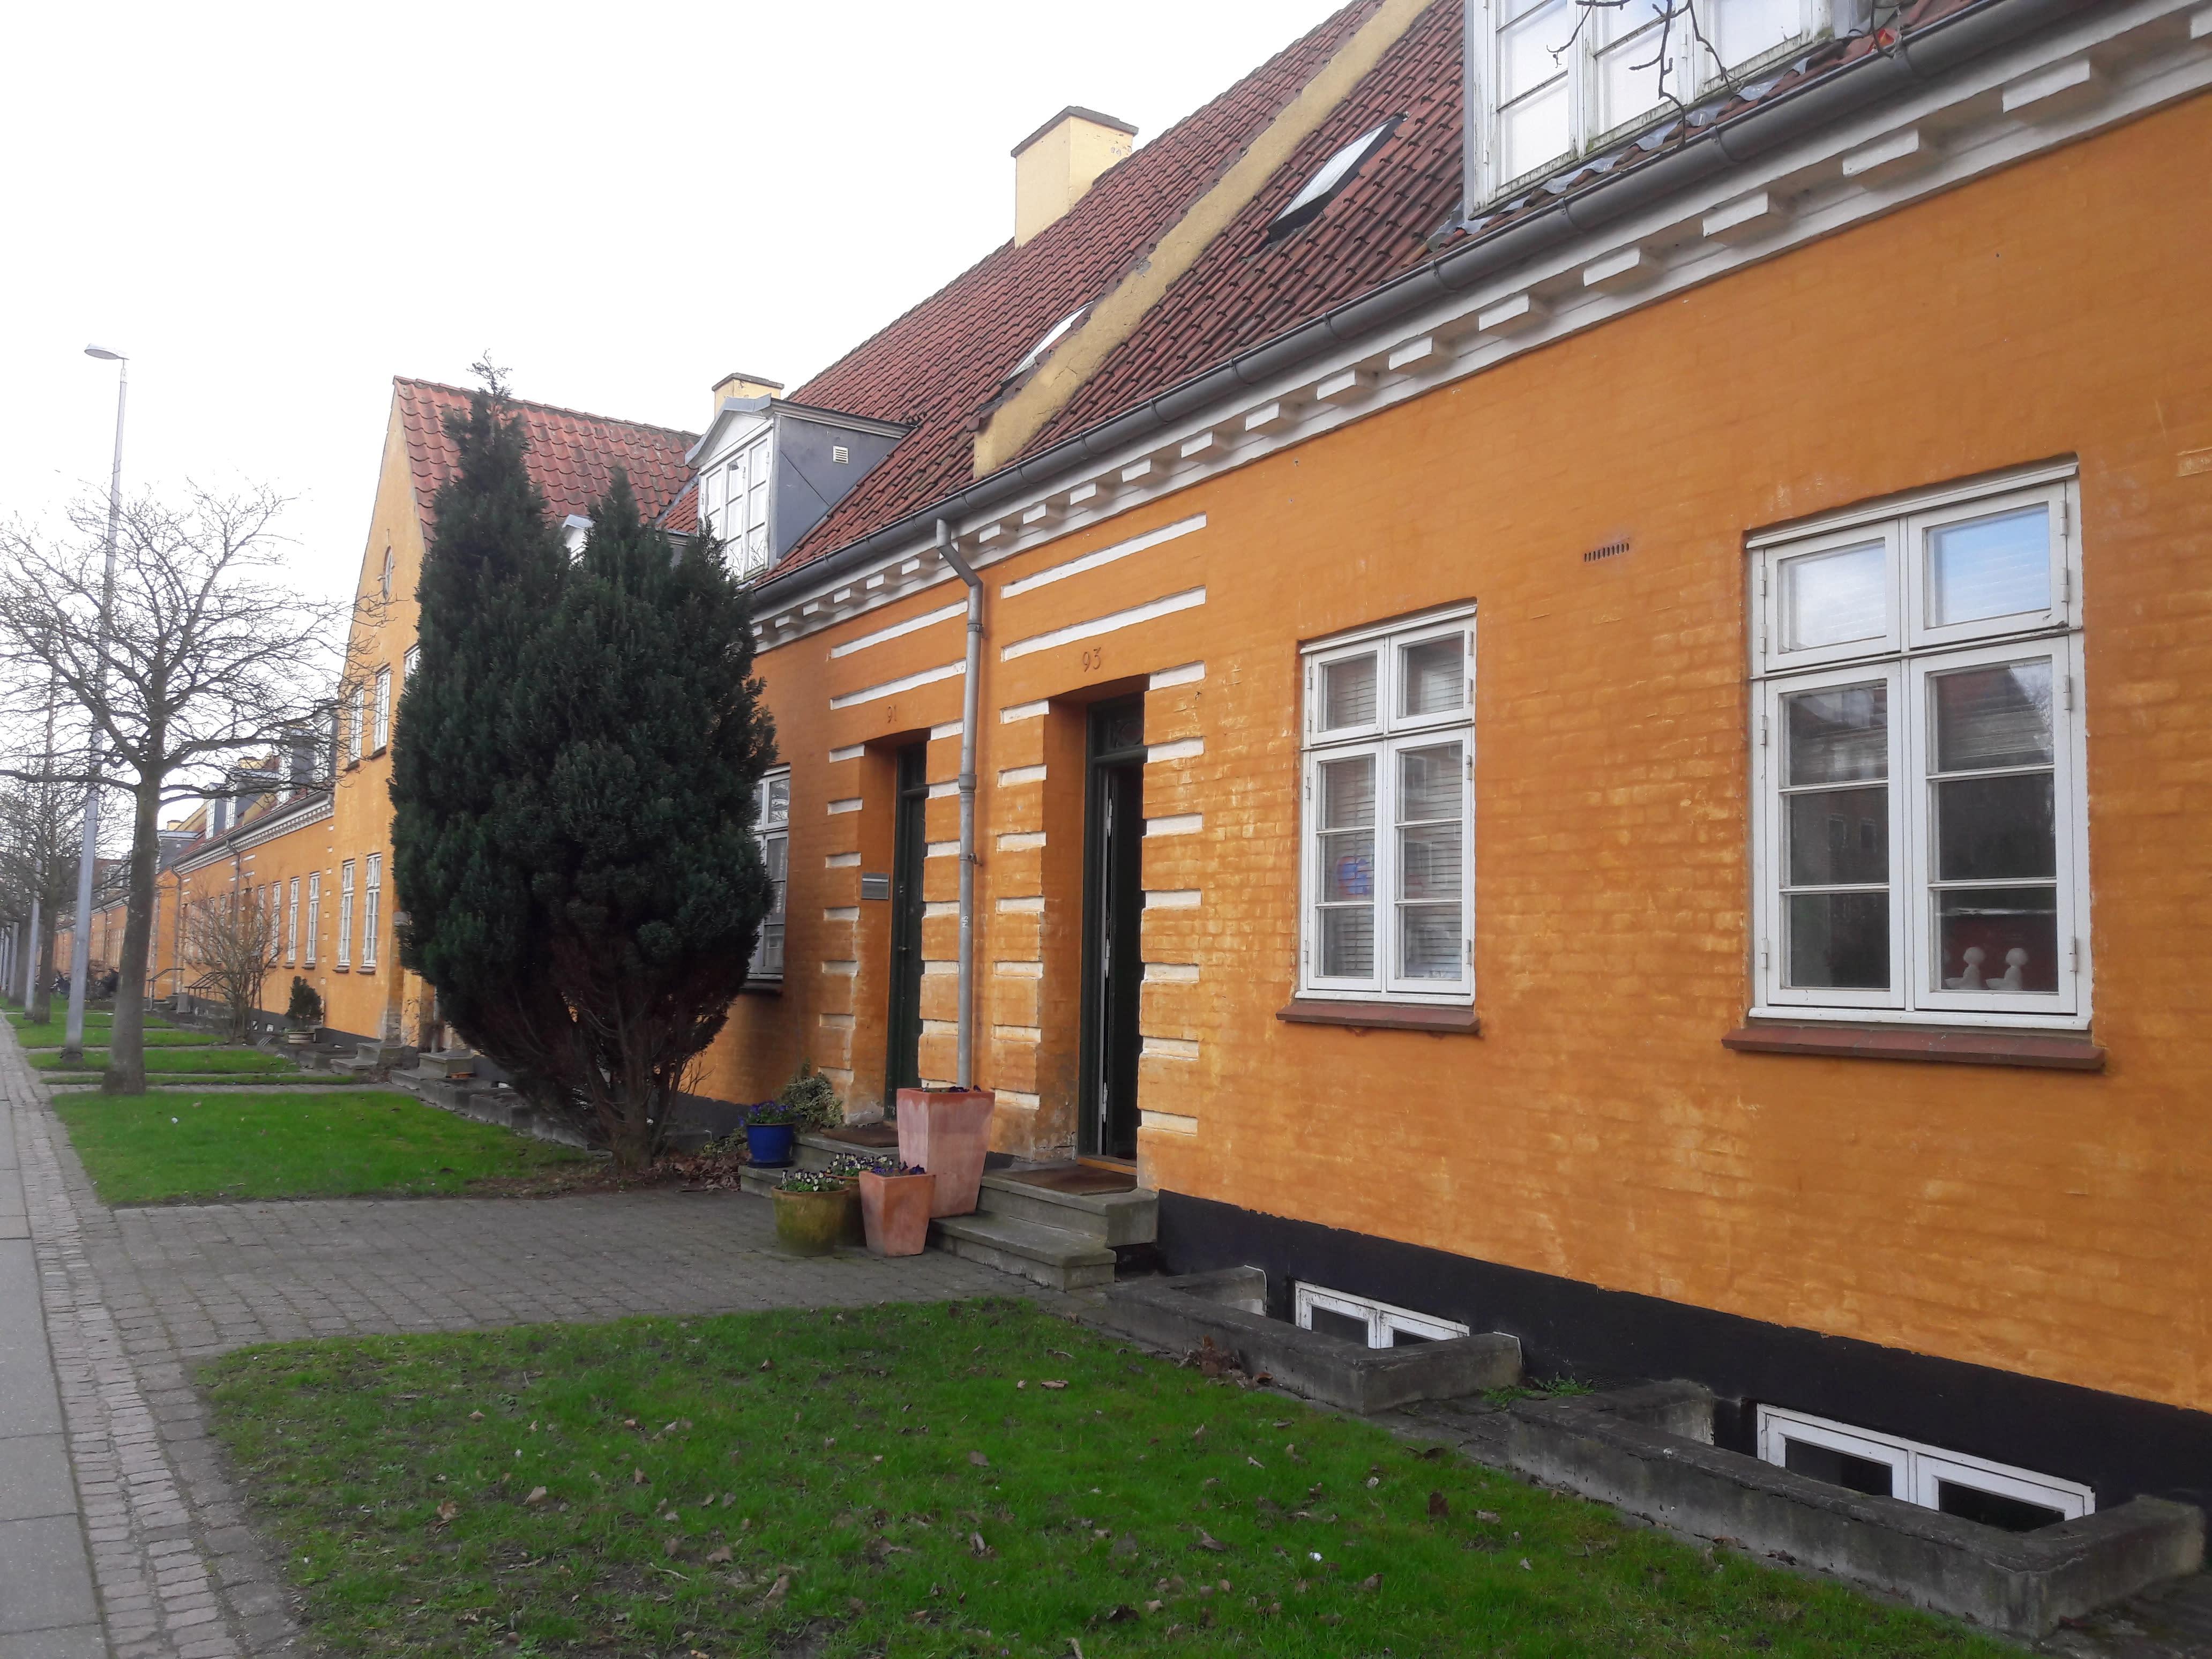 16 kvm. værelse ved Botanisk have og Universitet.